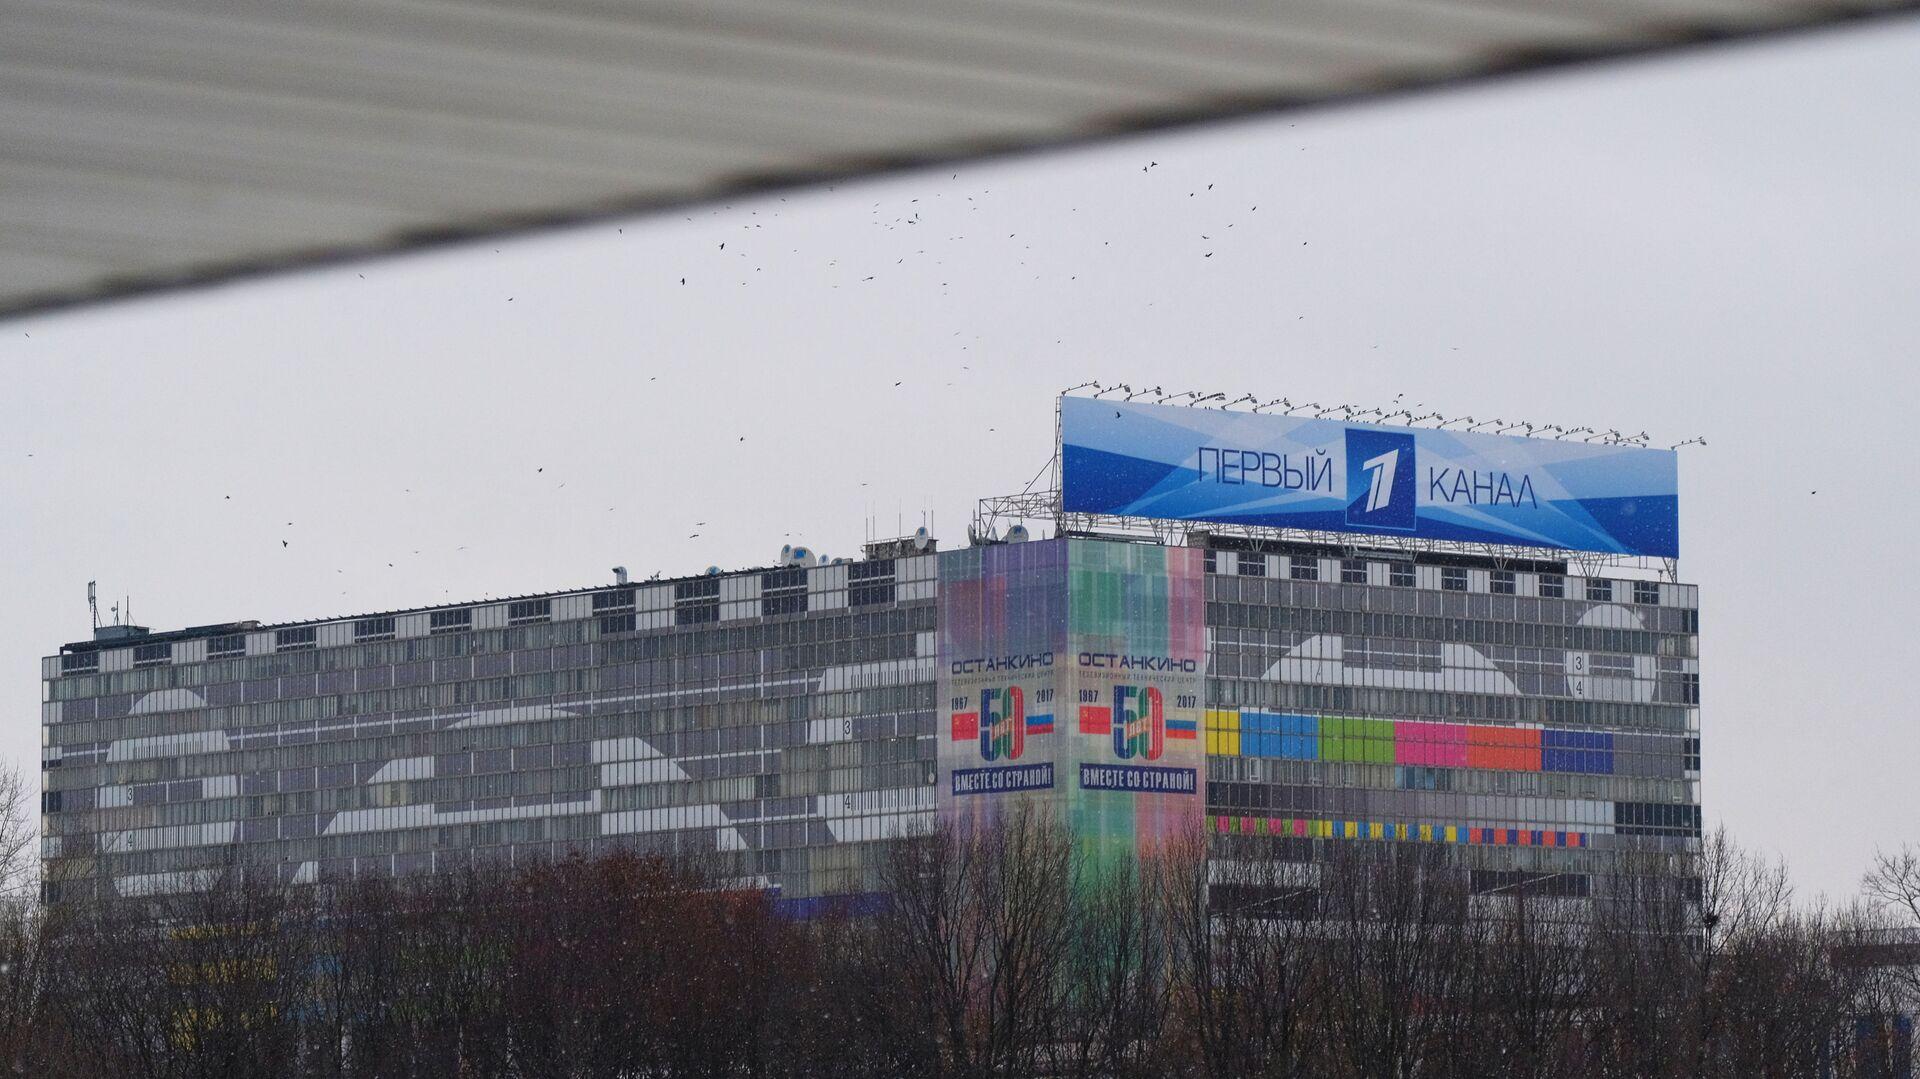 Здание телевизионного технического центра Останкино с баннером Первого канала - РИА Новости, 1920, 28.07.2021